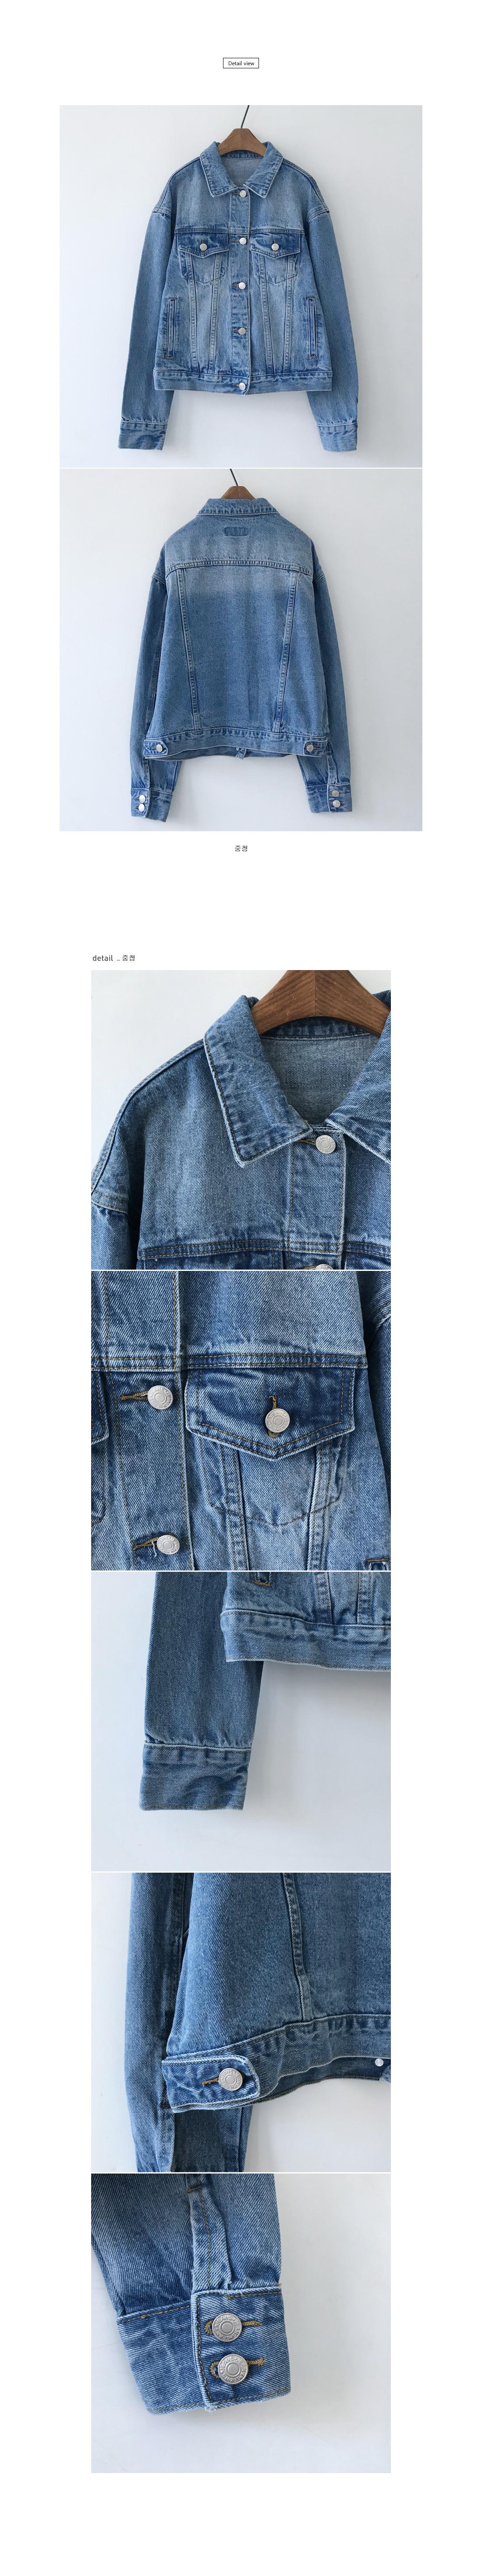 Bly Denim Jacket